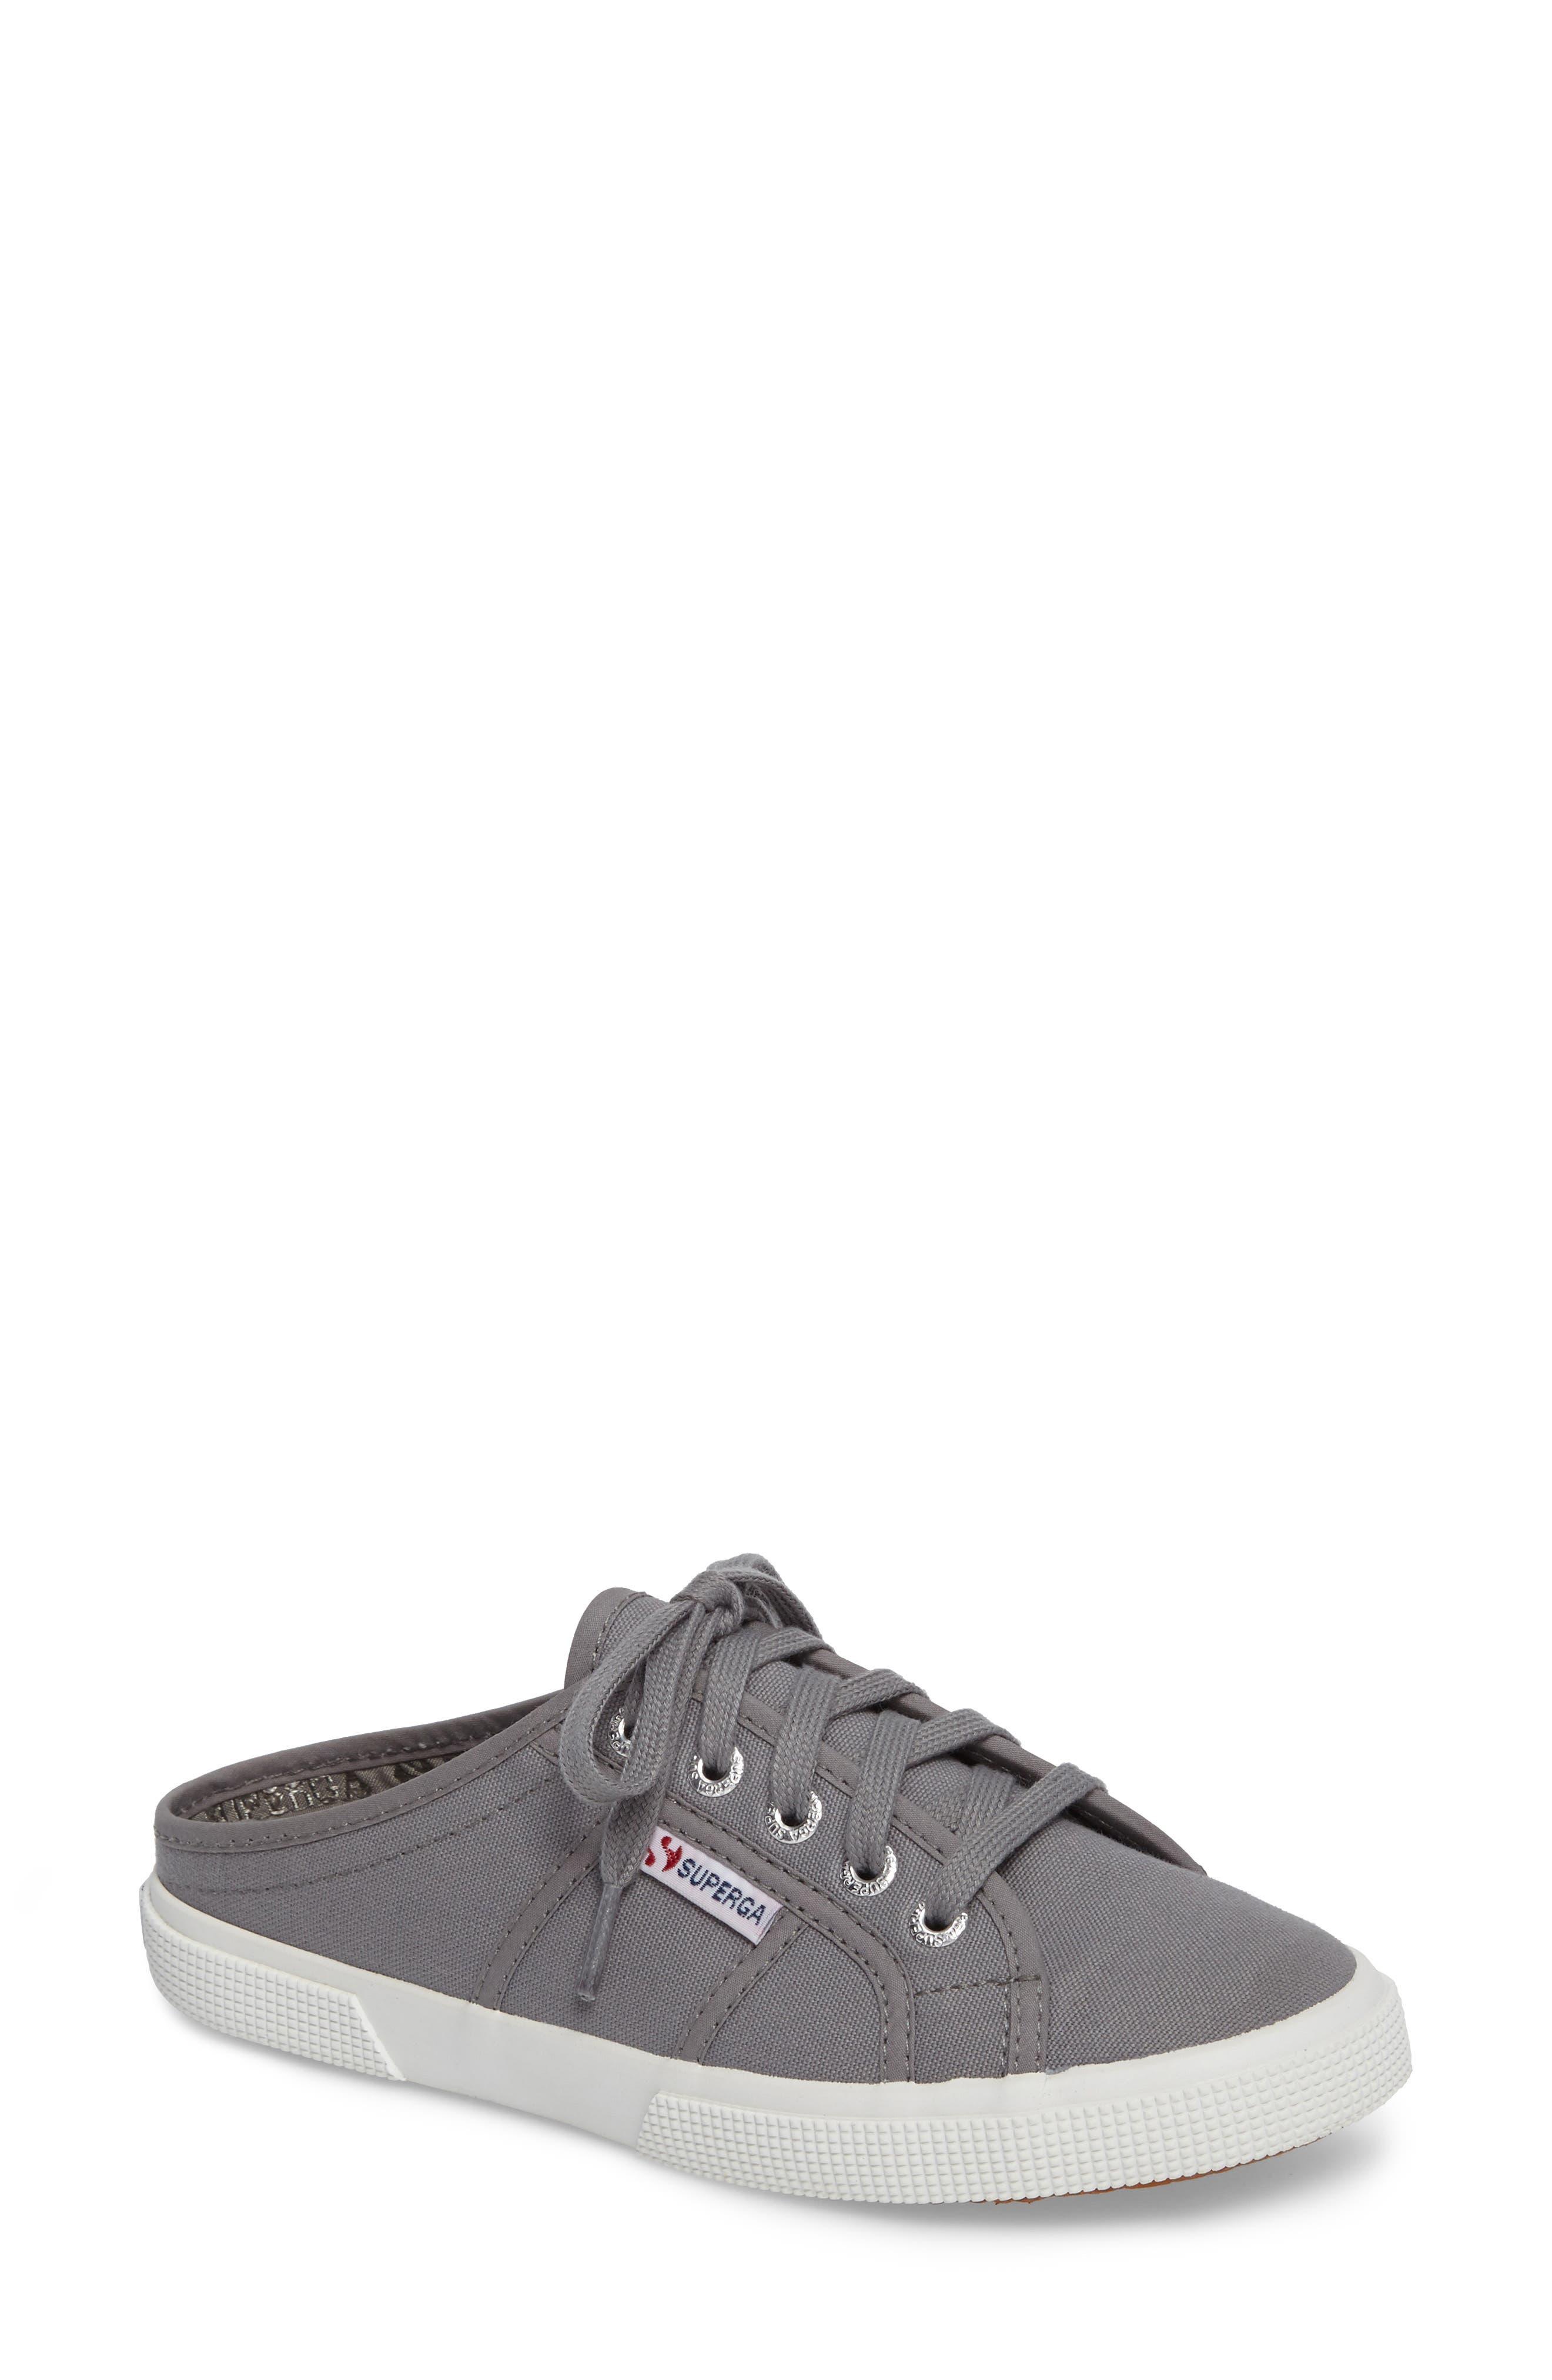 2288 Sneaker Mule,                             Main thumbnail 1, color,                             050